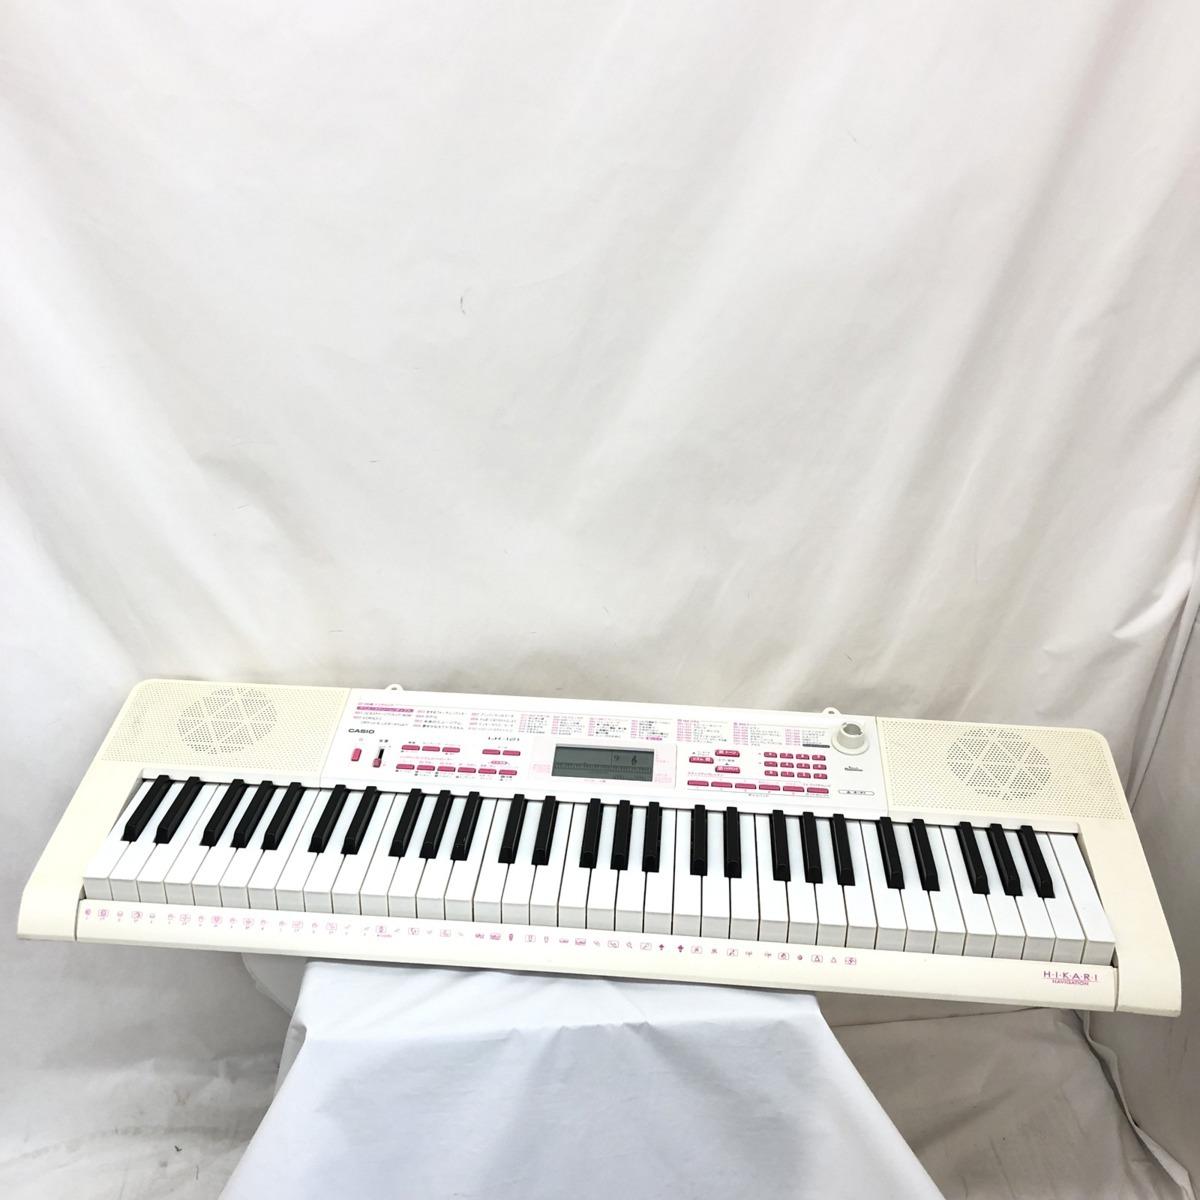 中古 CASIO カシオ 電子キーボード 光ナビゲーション LK-121 61鍵盤 電子ピアノ ホワイト ピンク 鍵盤楽器 アダプター付き H15423_画像1